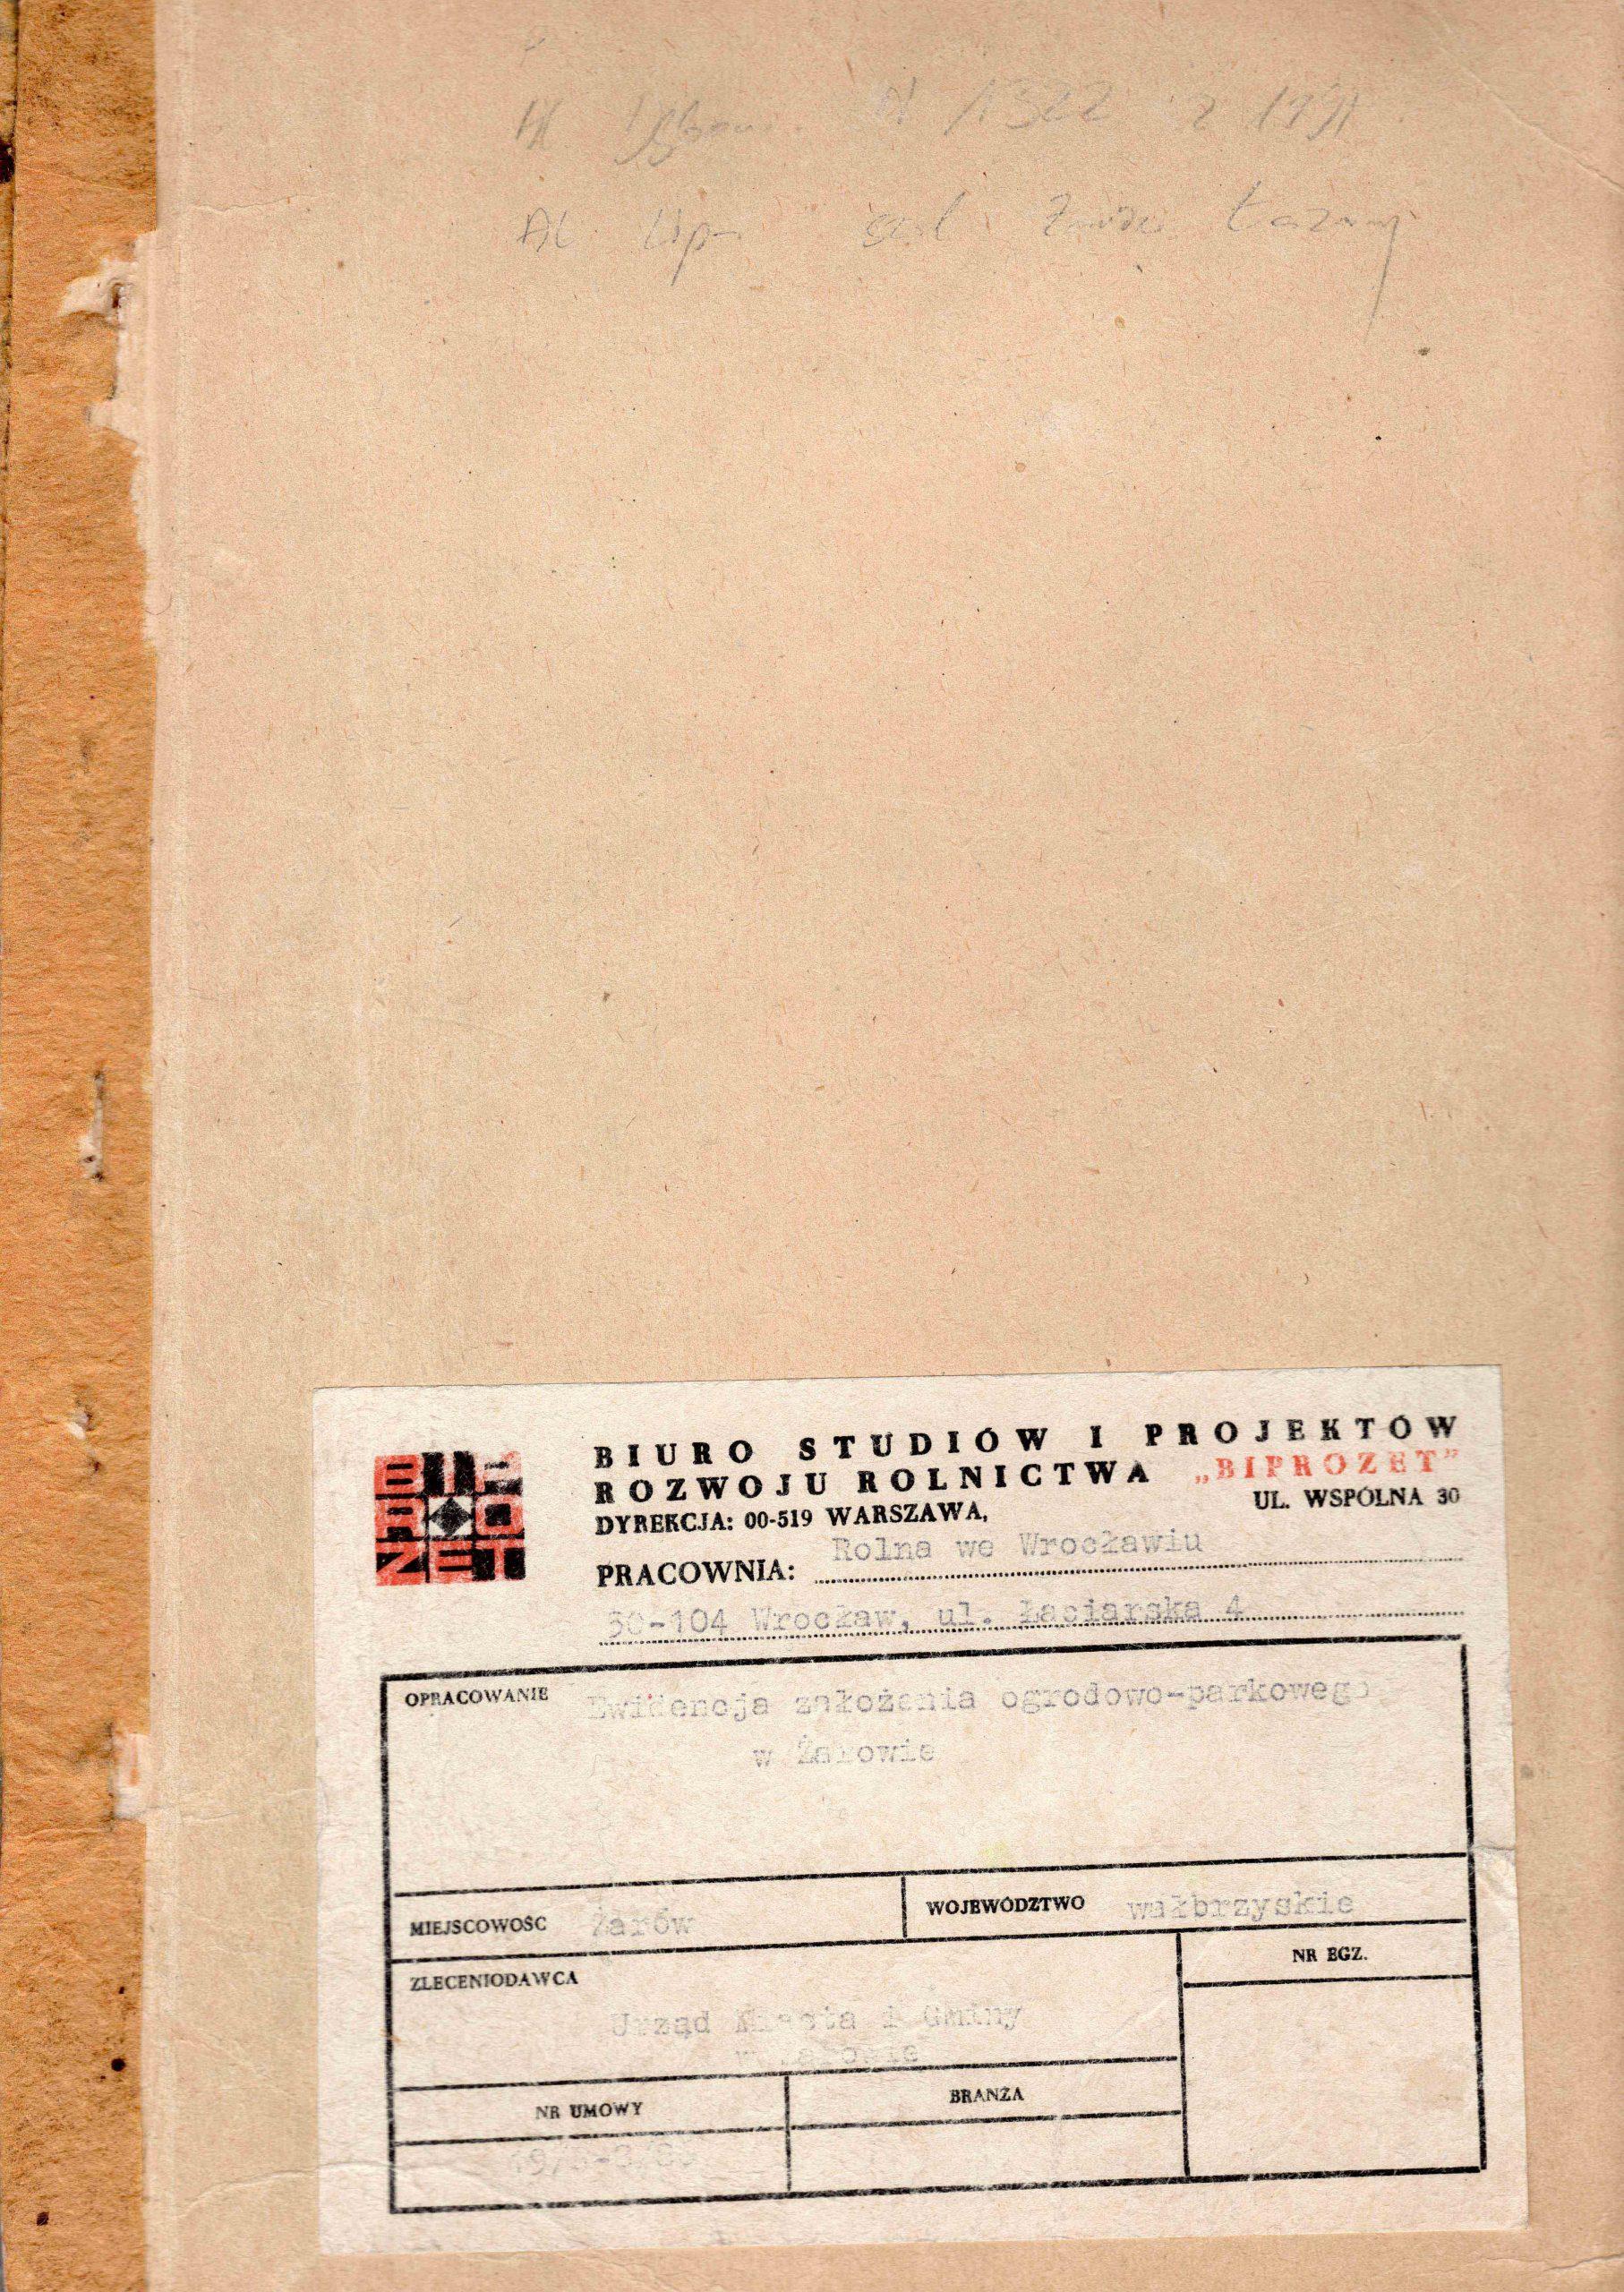 Ewidencja założenia ogrodowo-parkowego 1987 dokument (1)